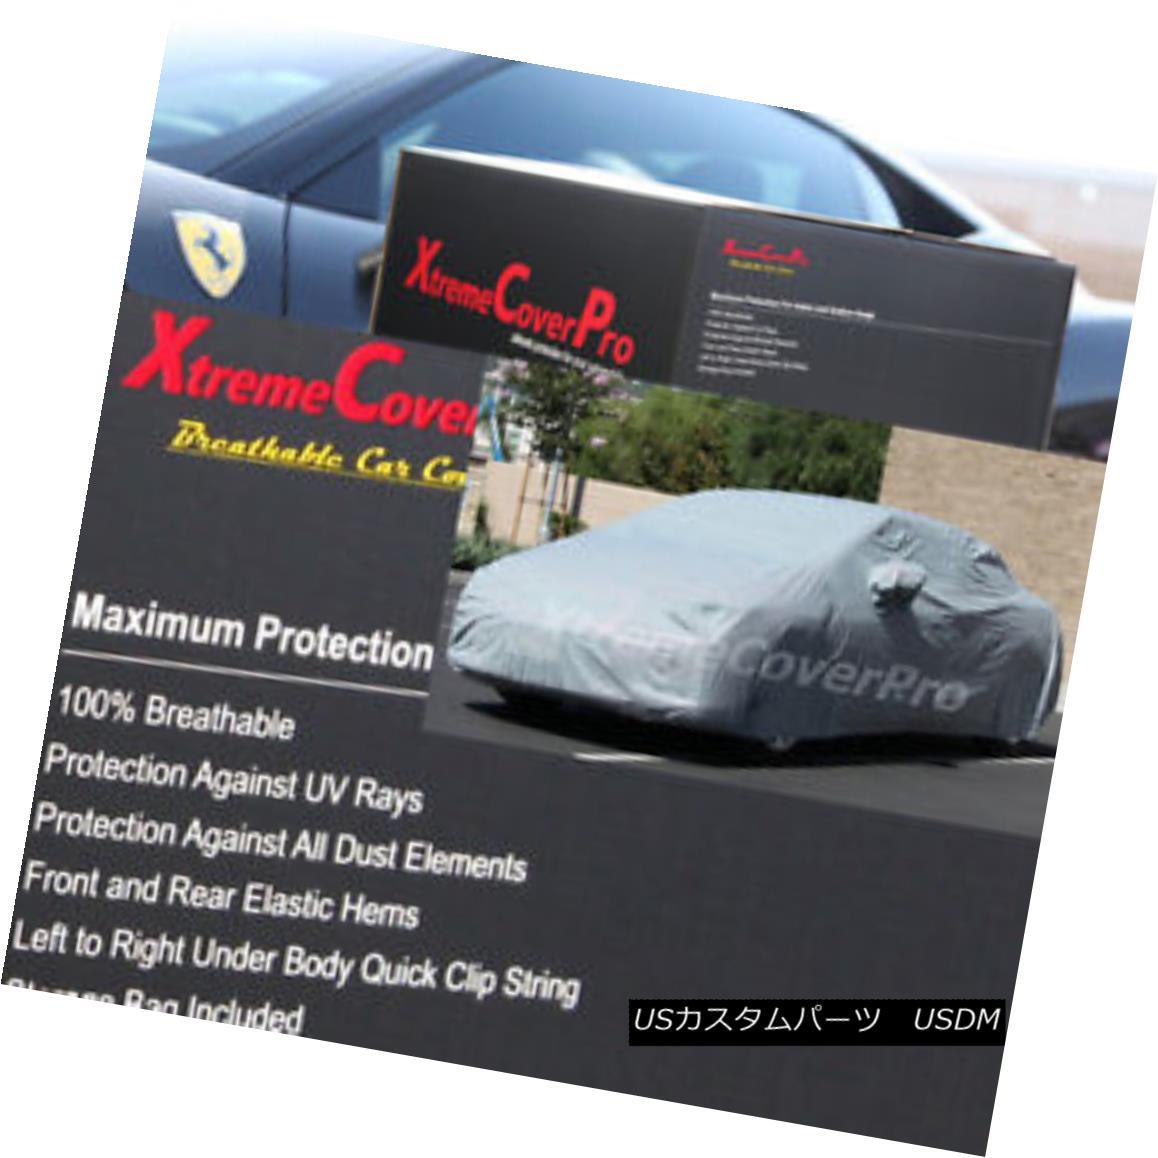 カーカバー 2015 CHEVROLET VOLT Breathable Car Cover w/Mirror Pockets - Gray 2015 CHEVROLET VOLT通気性のある車カバー付き/ミラーポケット - グレー